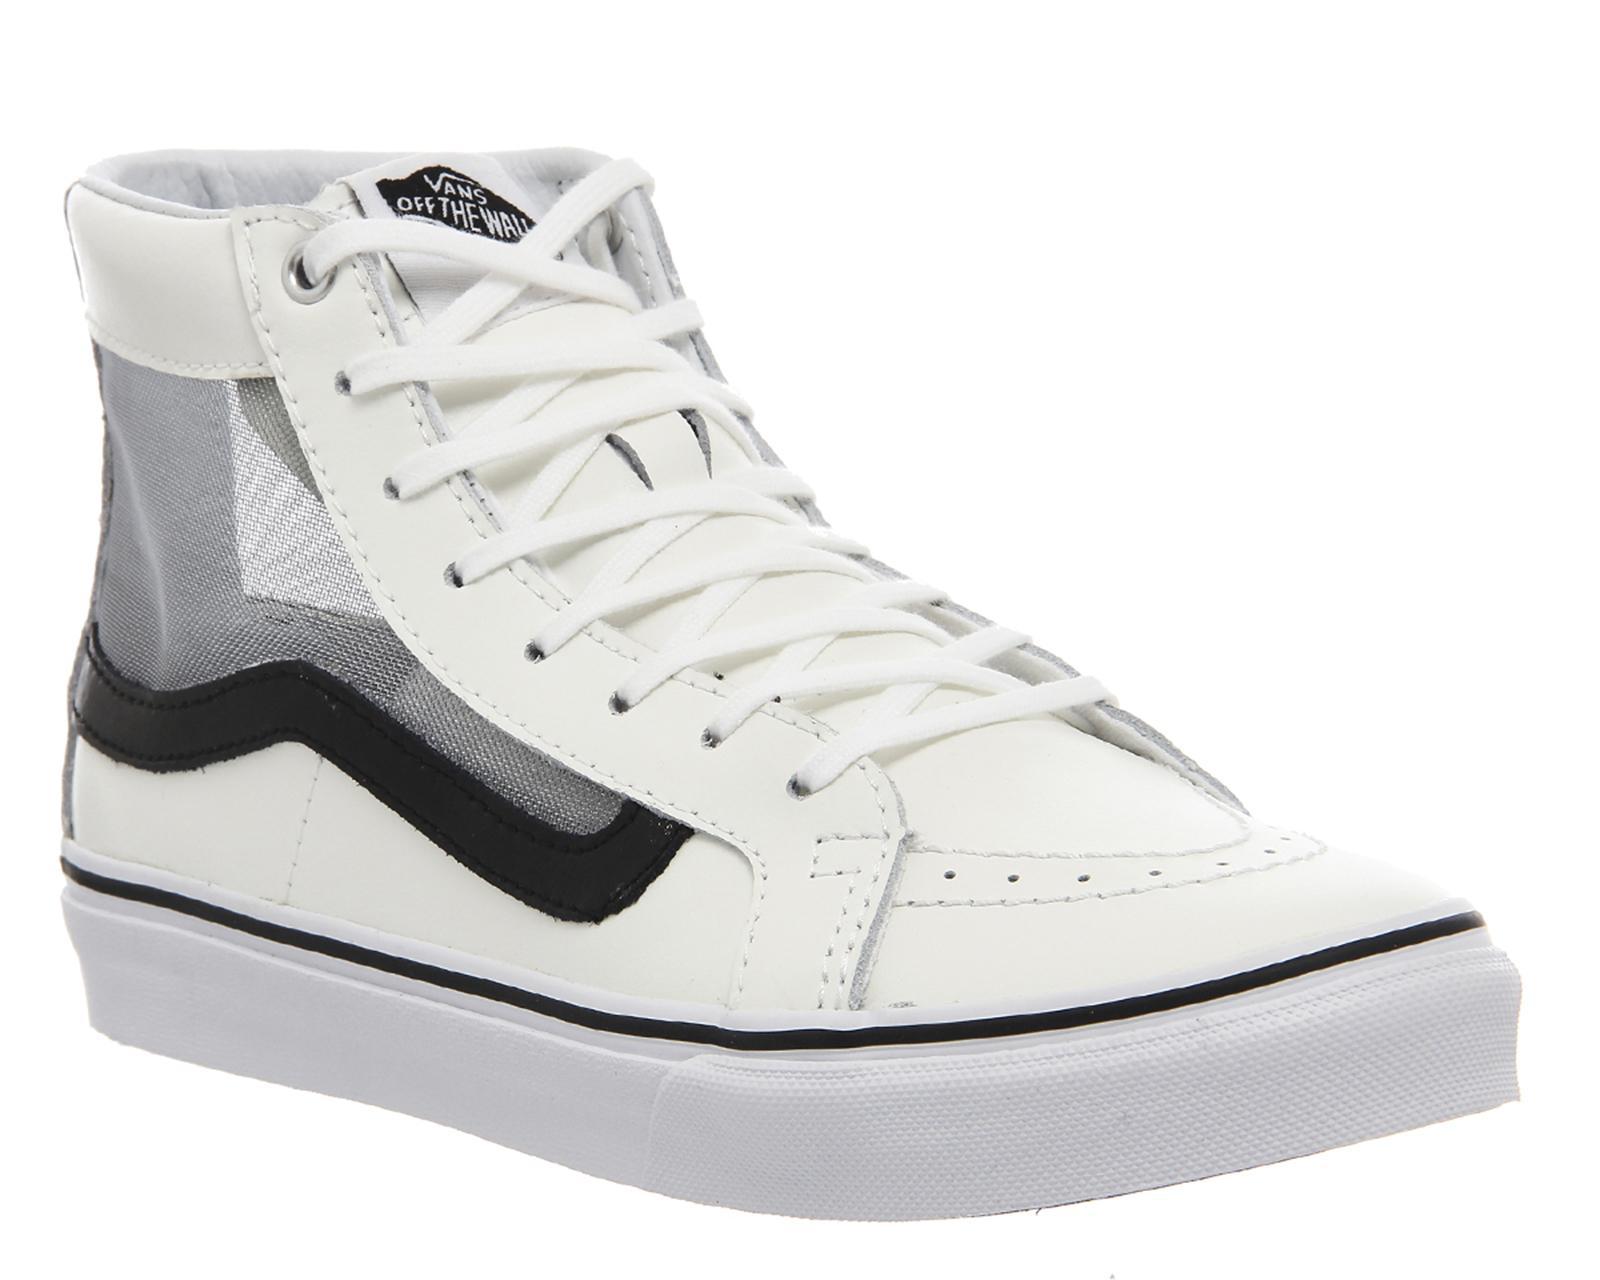 4a3fdffedc Lyst - Vans Sk8 Hi Slim in White for Men